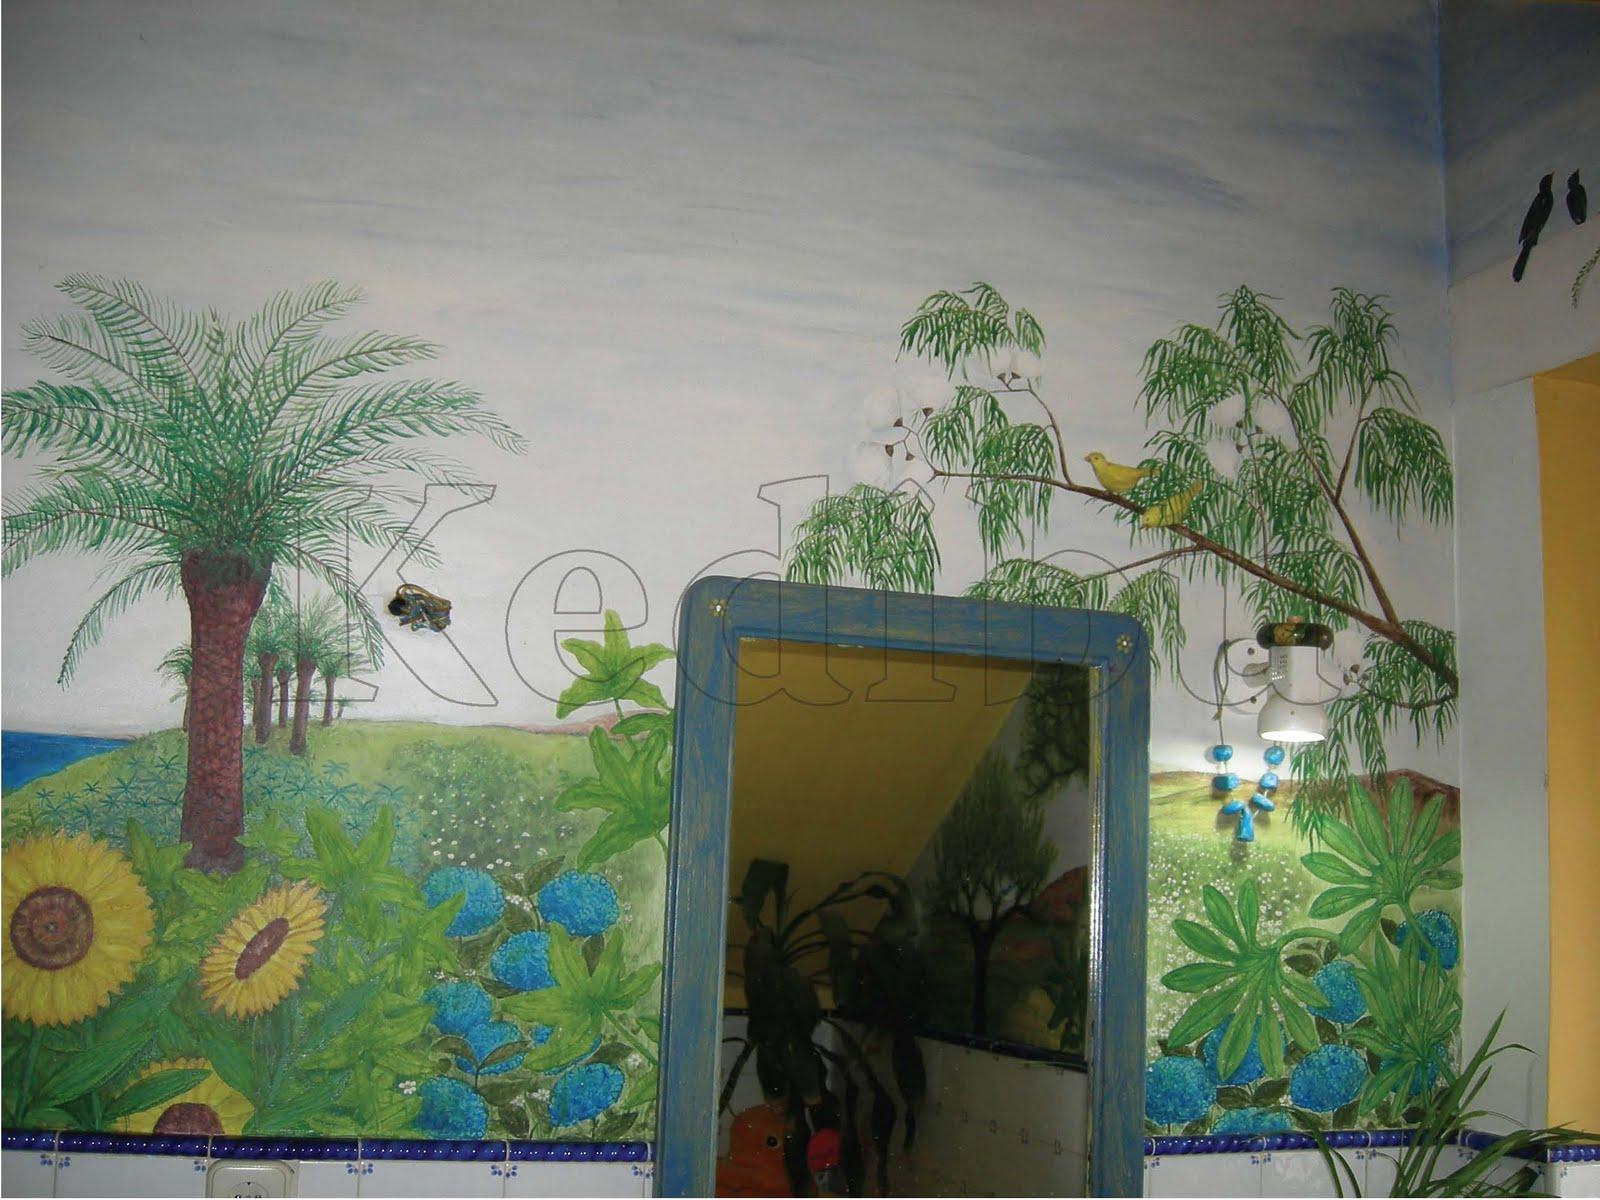 Kedibu murales y objetos decorativos mural pintado cuarto for Murales decorativos paisajes